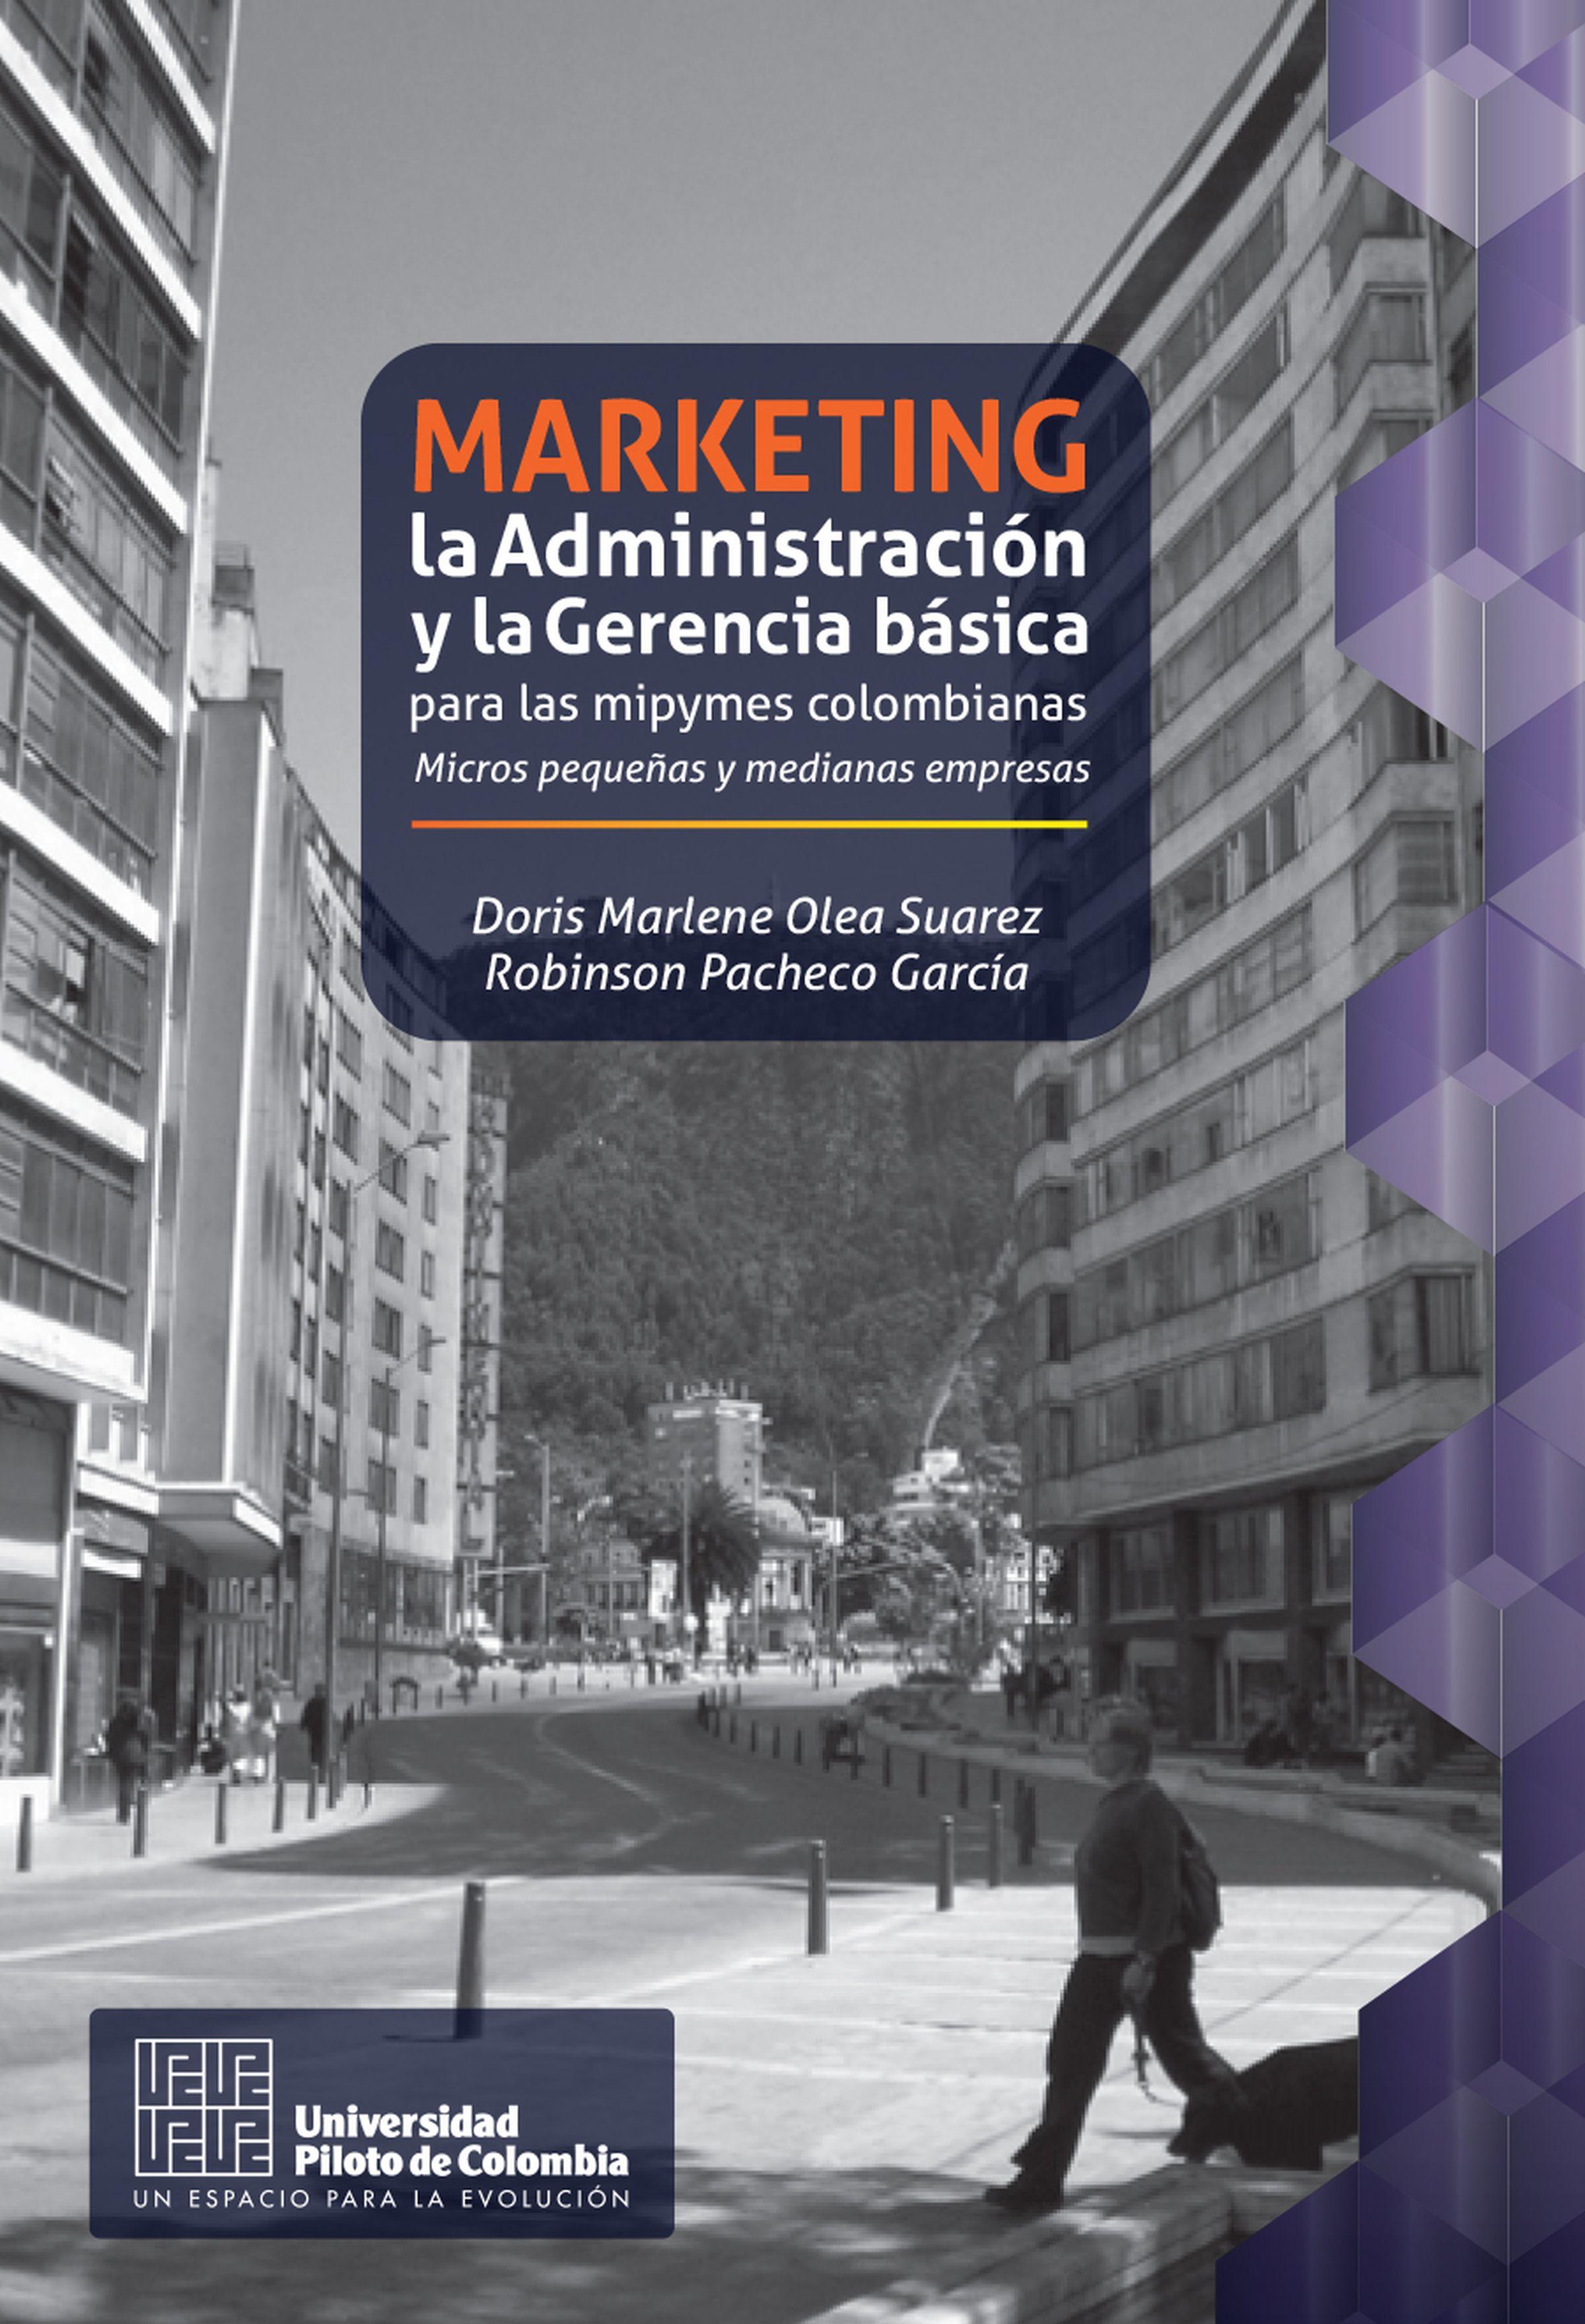 Doris Marlene Olea Pacheco Marketing, la Administración y la Gerencia básica para las mipymes colombianas christine pacheco lovers only